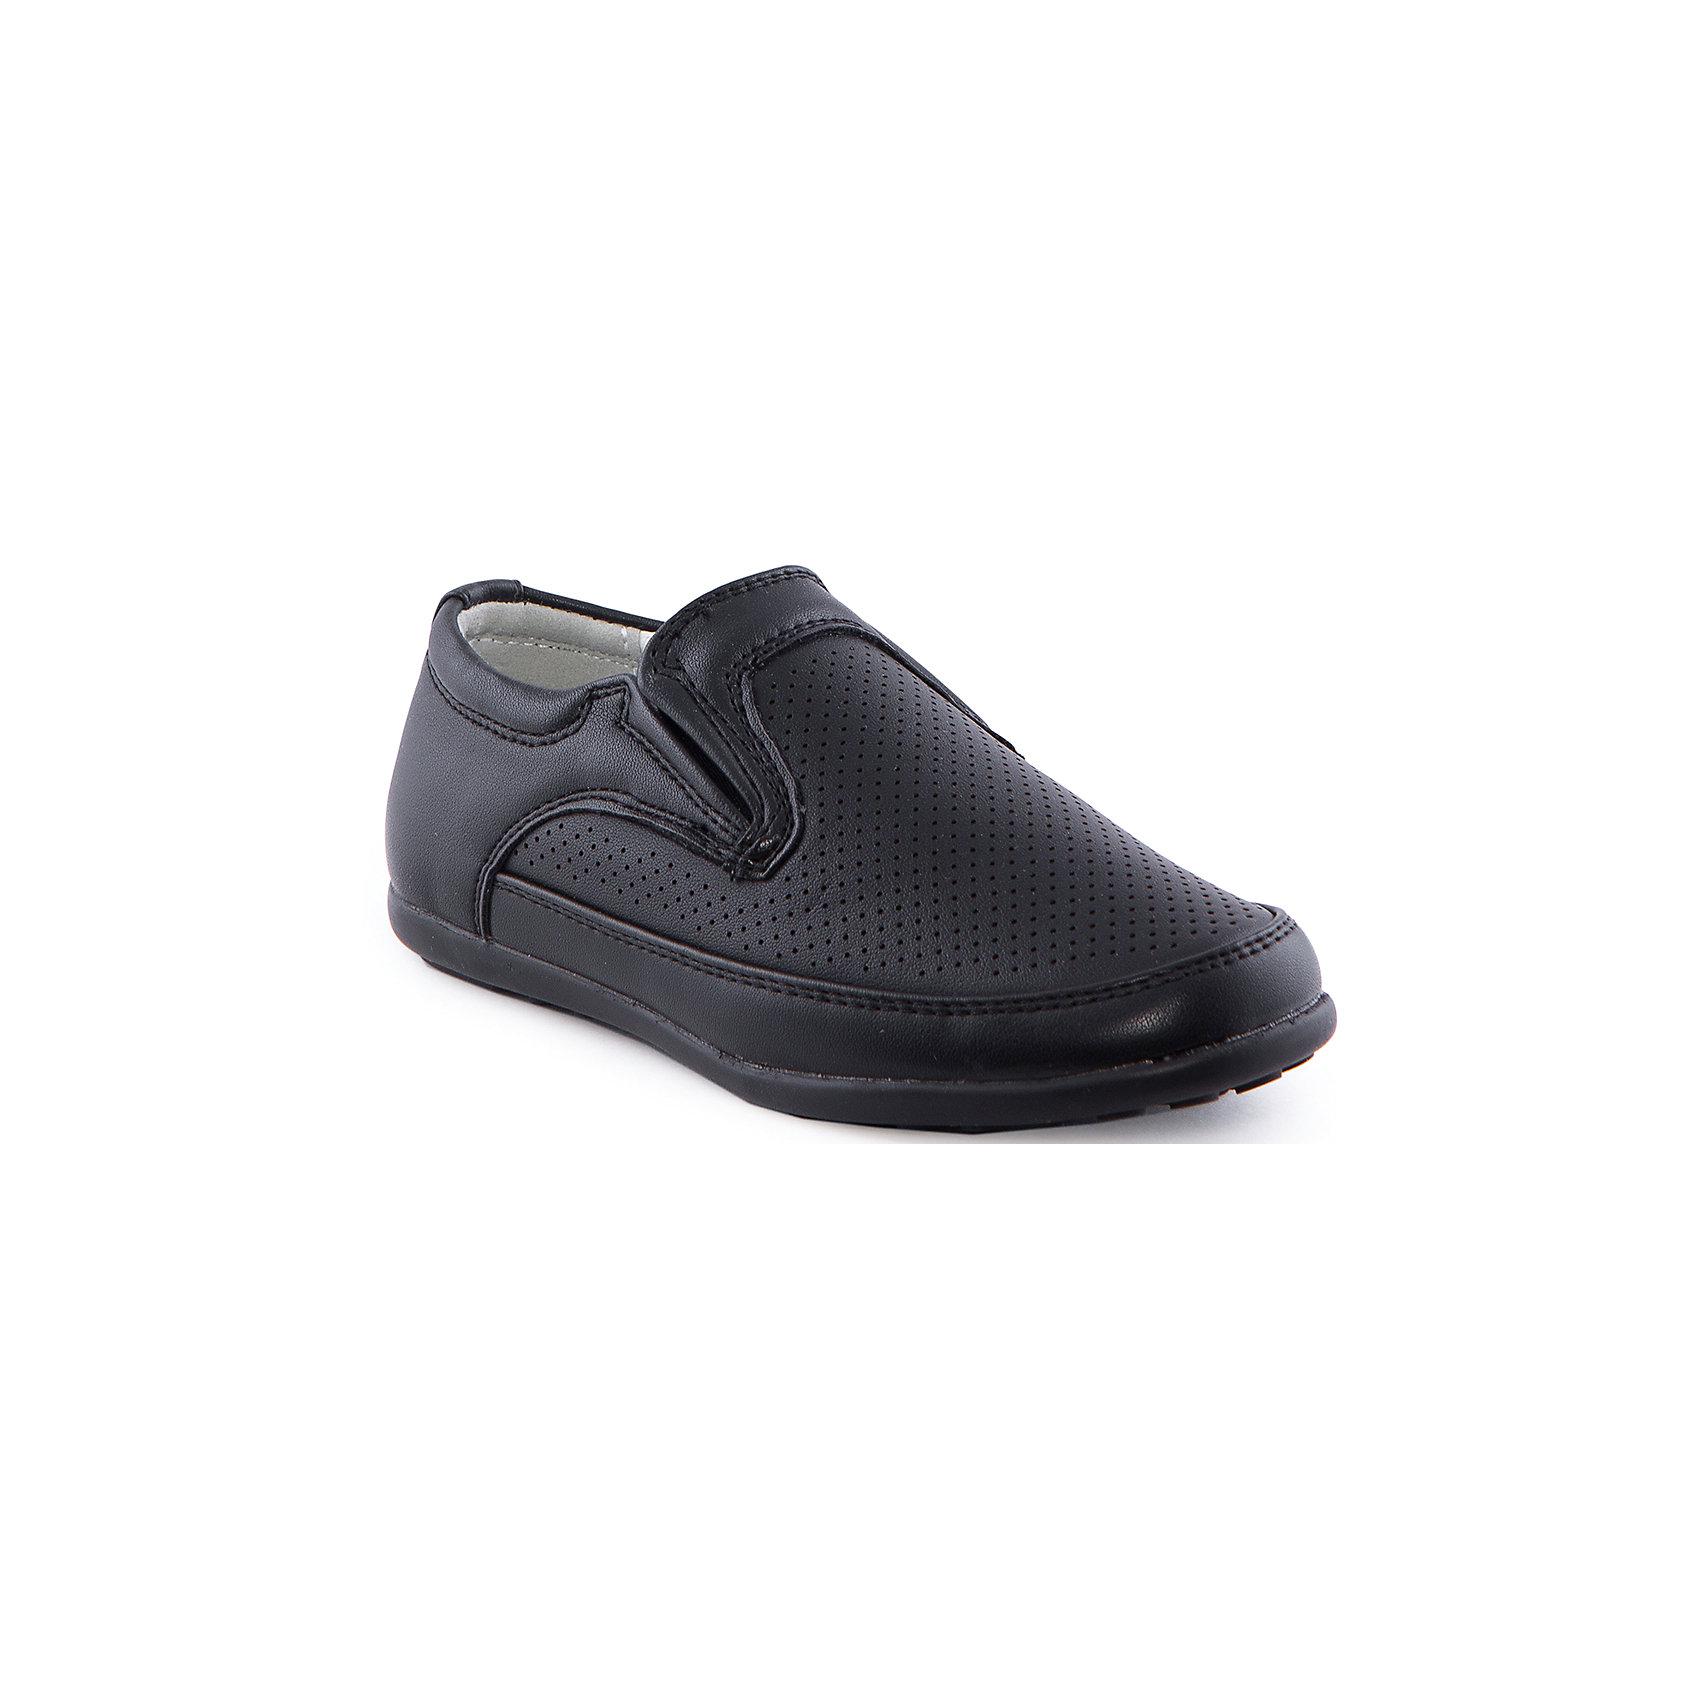 Ботинки для мальчика Indigo kidsОбувь<br>Полуботинки для мальчика от известного бренда Indigo kids<br><br>Стильные полуботинки классического фасона - беспроигрышный вариант обуви для торжественных мероприятий, создания строгого наряда или просто выхода на улицу. Изделия легкие и дышащие.<br><br>Особенности модели:<br><br>- цвет - черный;<br>- классический дизайн;<br>- удобная колодка;<br>- натуральная кожаная подкладка;<br>- перфорация;<br>- устойчивая подошва;<br>- без застежек.<br><br>Дополнительная информация:<br><br>Состав:<br><br>верх – искусственная кожа;<br>подкладка - натуральная кожа;<br>подошва - ТЭП.<br><br>Полуботинки для мальчика Indigo kids (Индиго Кидс) можно купить в нашем магазине.<br><br>Ширина мм: 262<br>Глубина мм: 176<br>Высота мм: 97<br>Вес г: 427<br>Цвет: черный<br>Возраст от месяцев: 84<br>Возраст до месяцев: 96<br>Пол: Мужской<br>Возраст: Детский<br>Размер: 31,29,26,27,28,30<br>SKU: 4519915